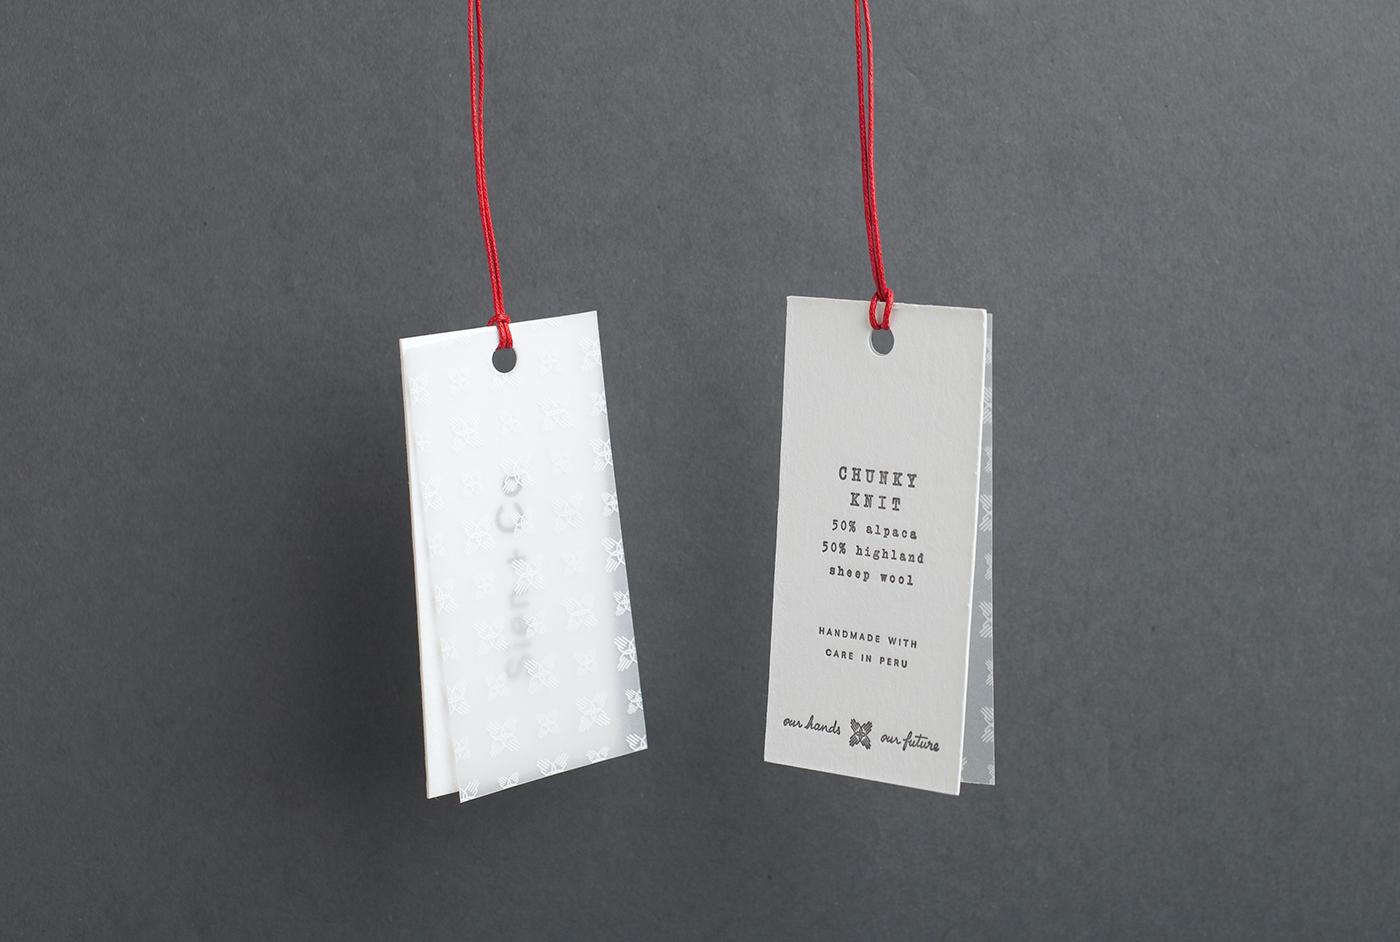 Sien+Co手工针织服饰品牌 欣赏-第16张